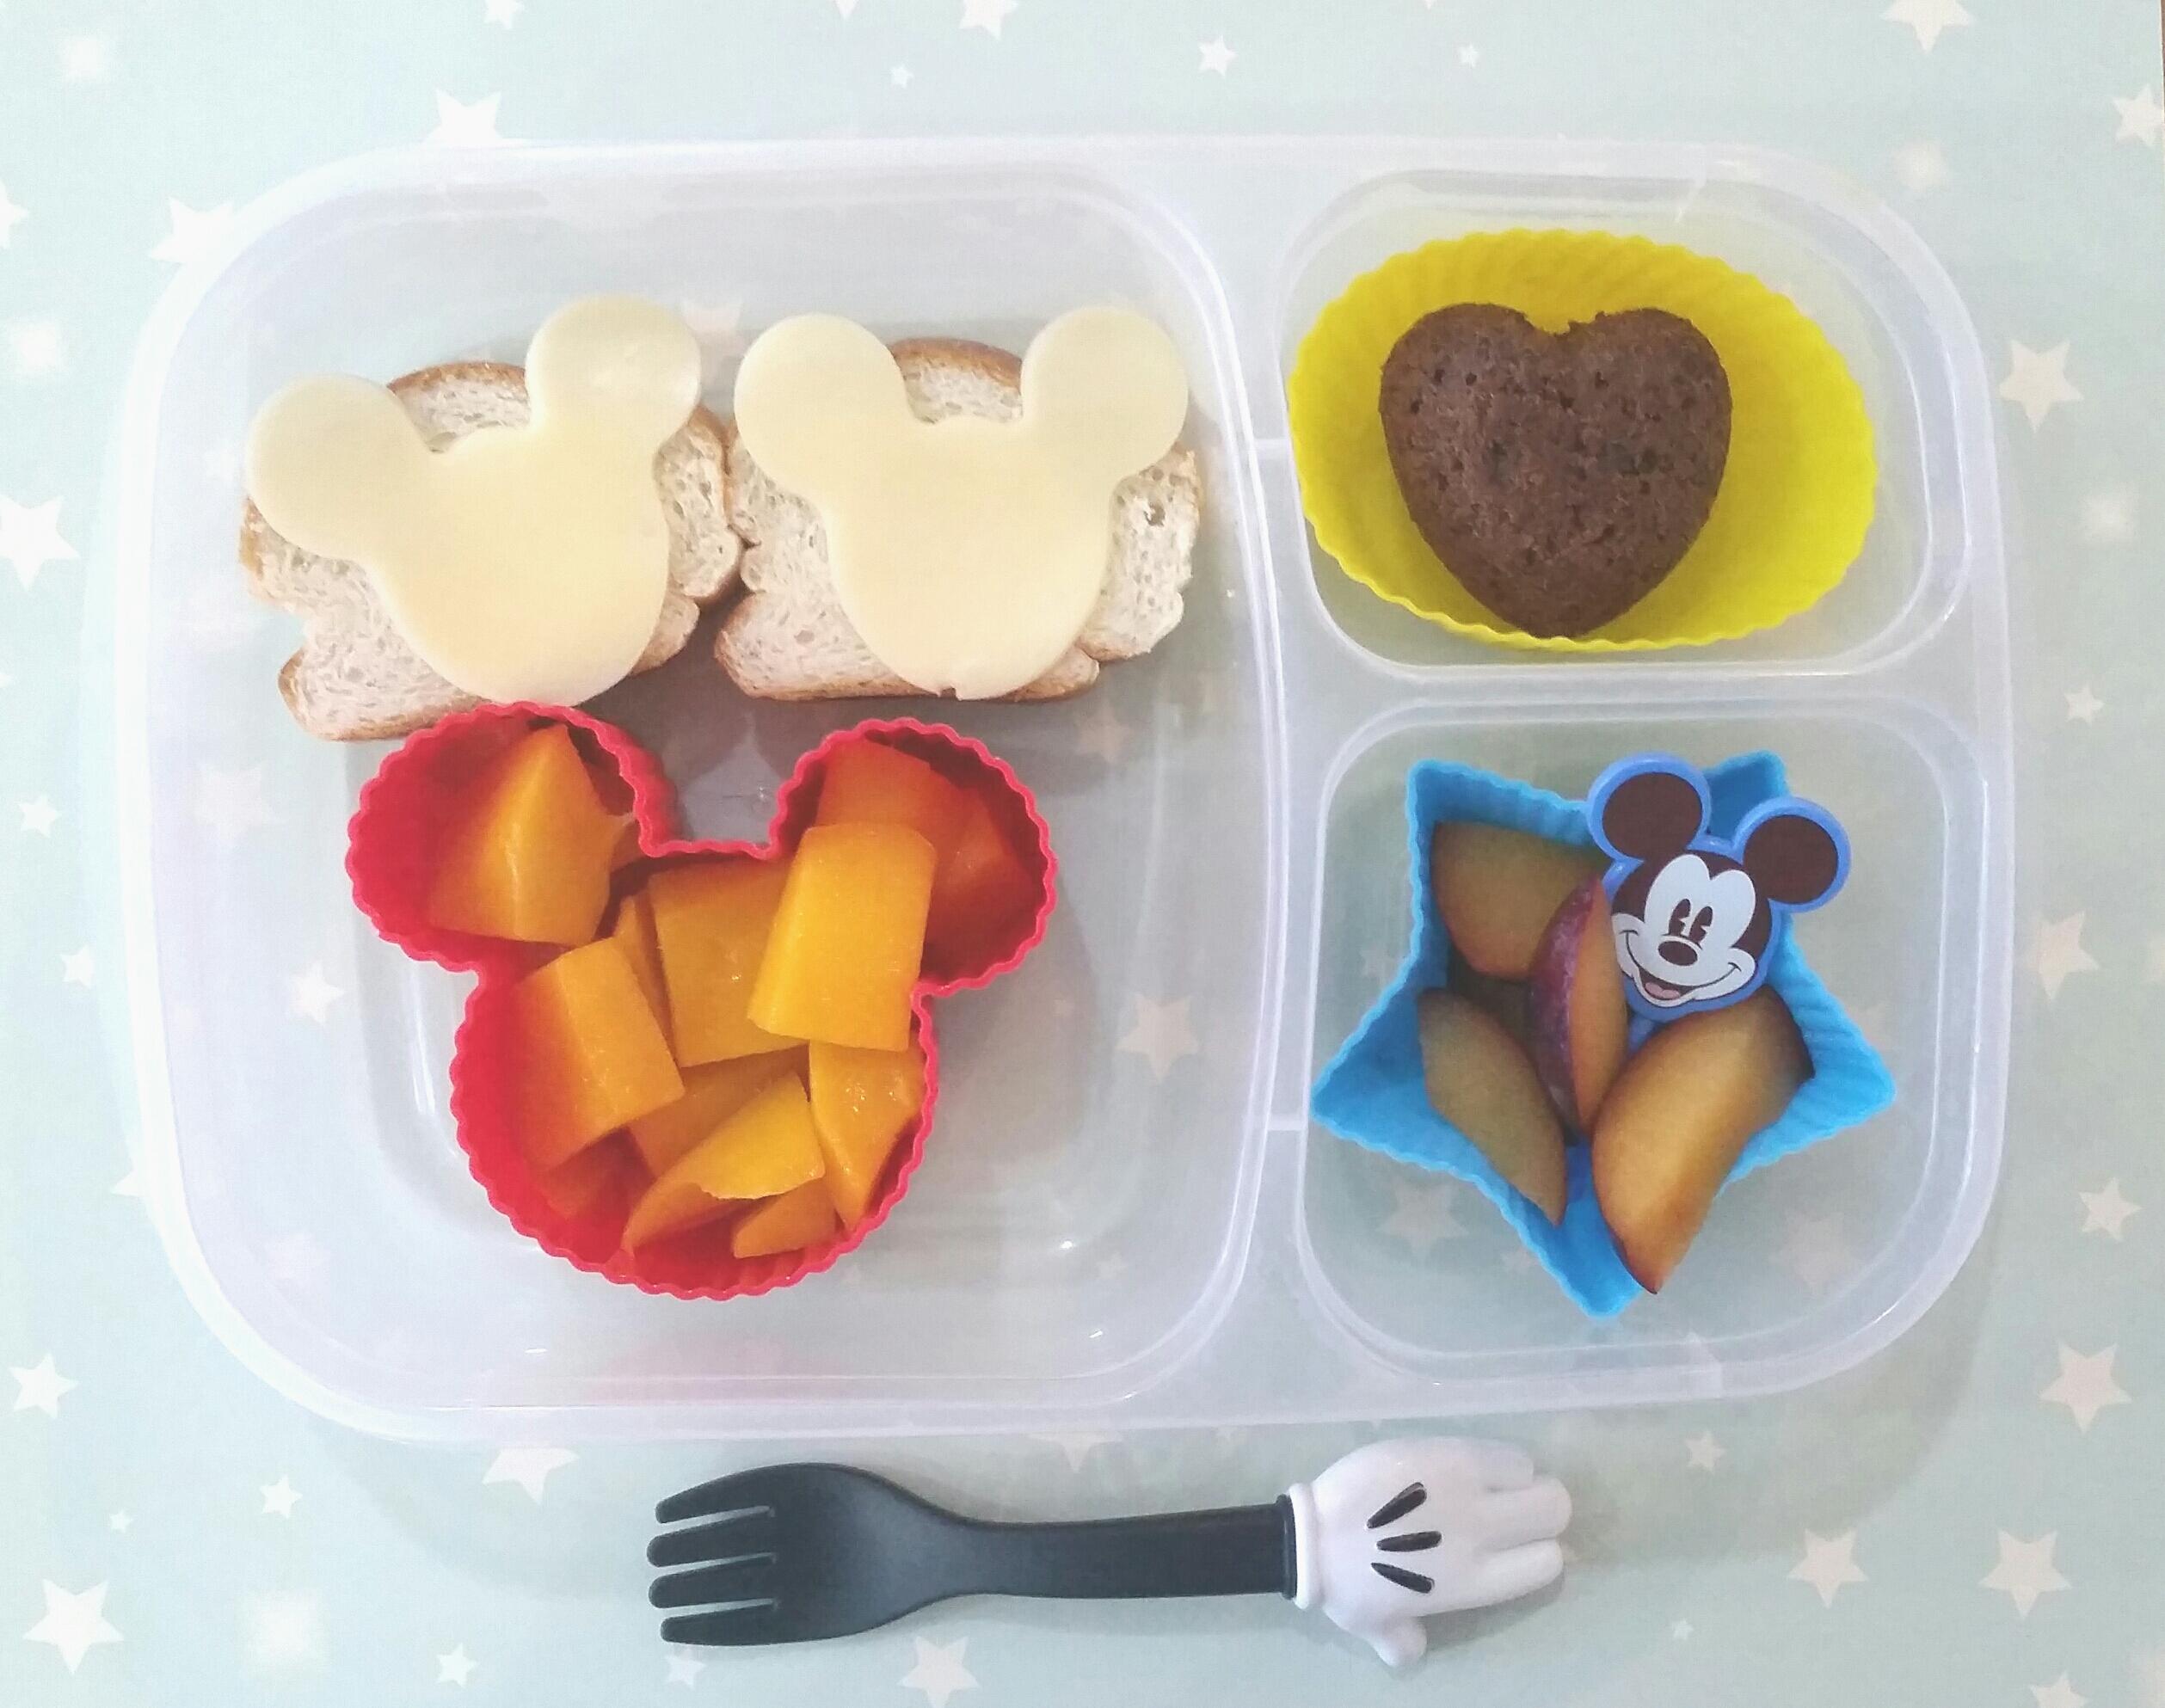 בחזרה לשגרה: איך לשדרג את קופסת האוכל של הילדים?